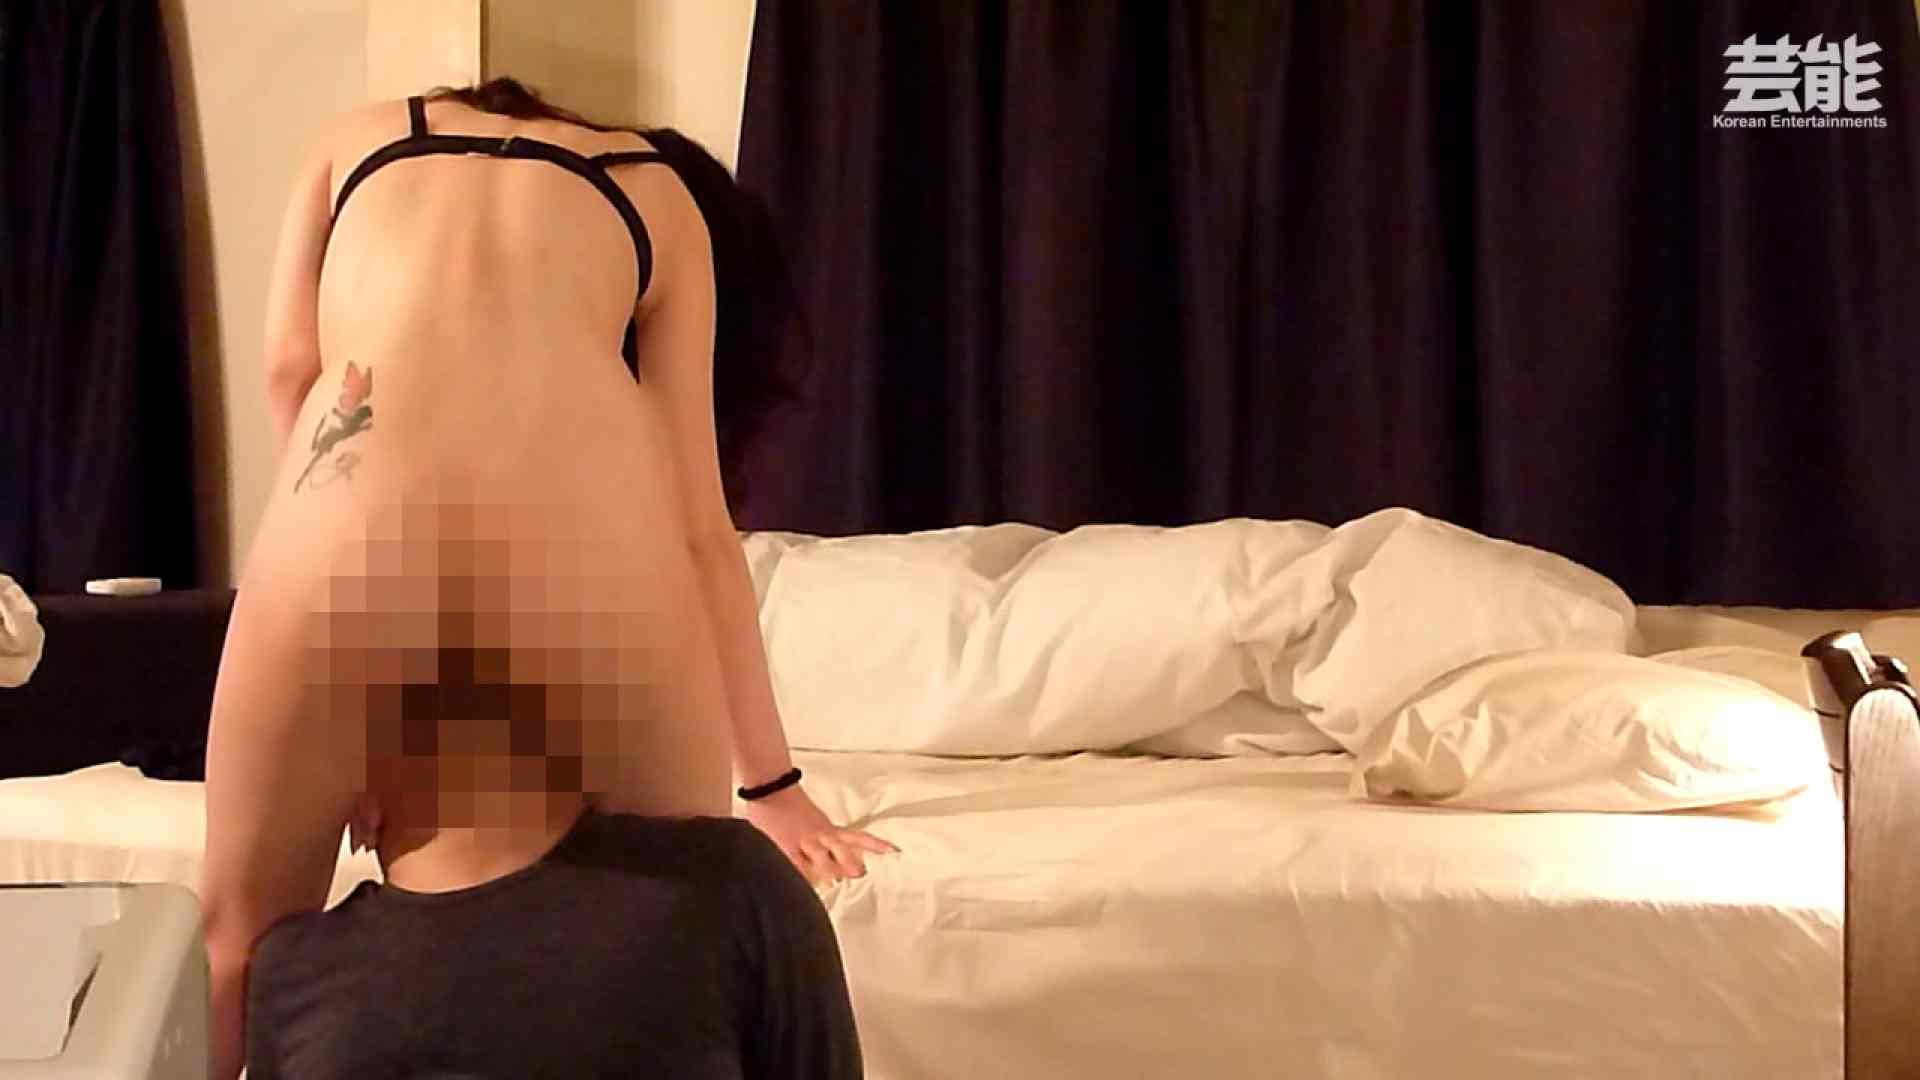 某芸能プロダクションの裏のお仕事5vol.2 美しいOLの裸体 | 韓流丸裸  100pic 64